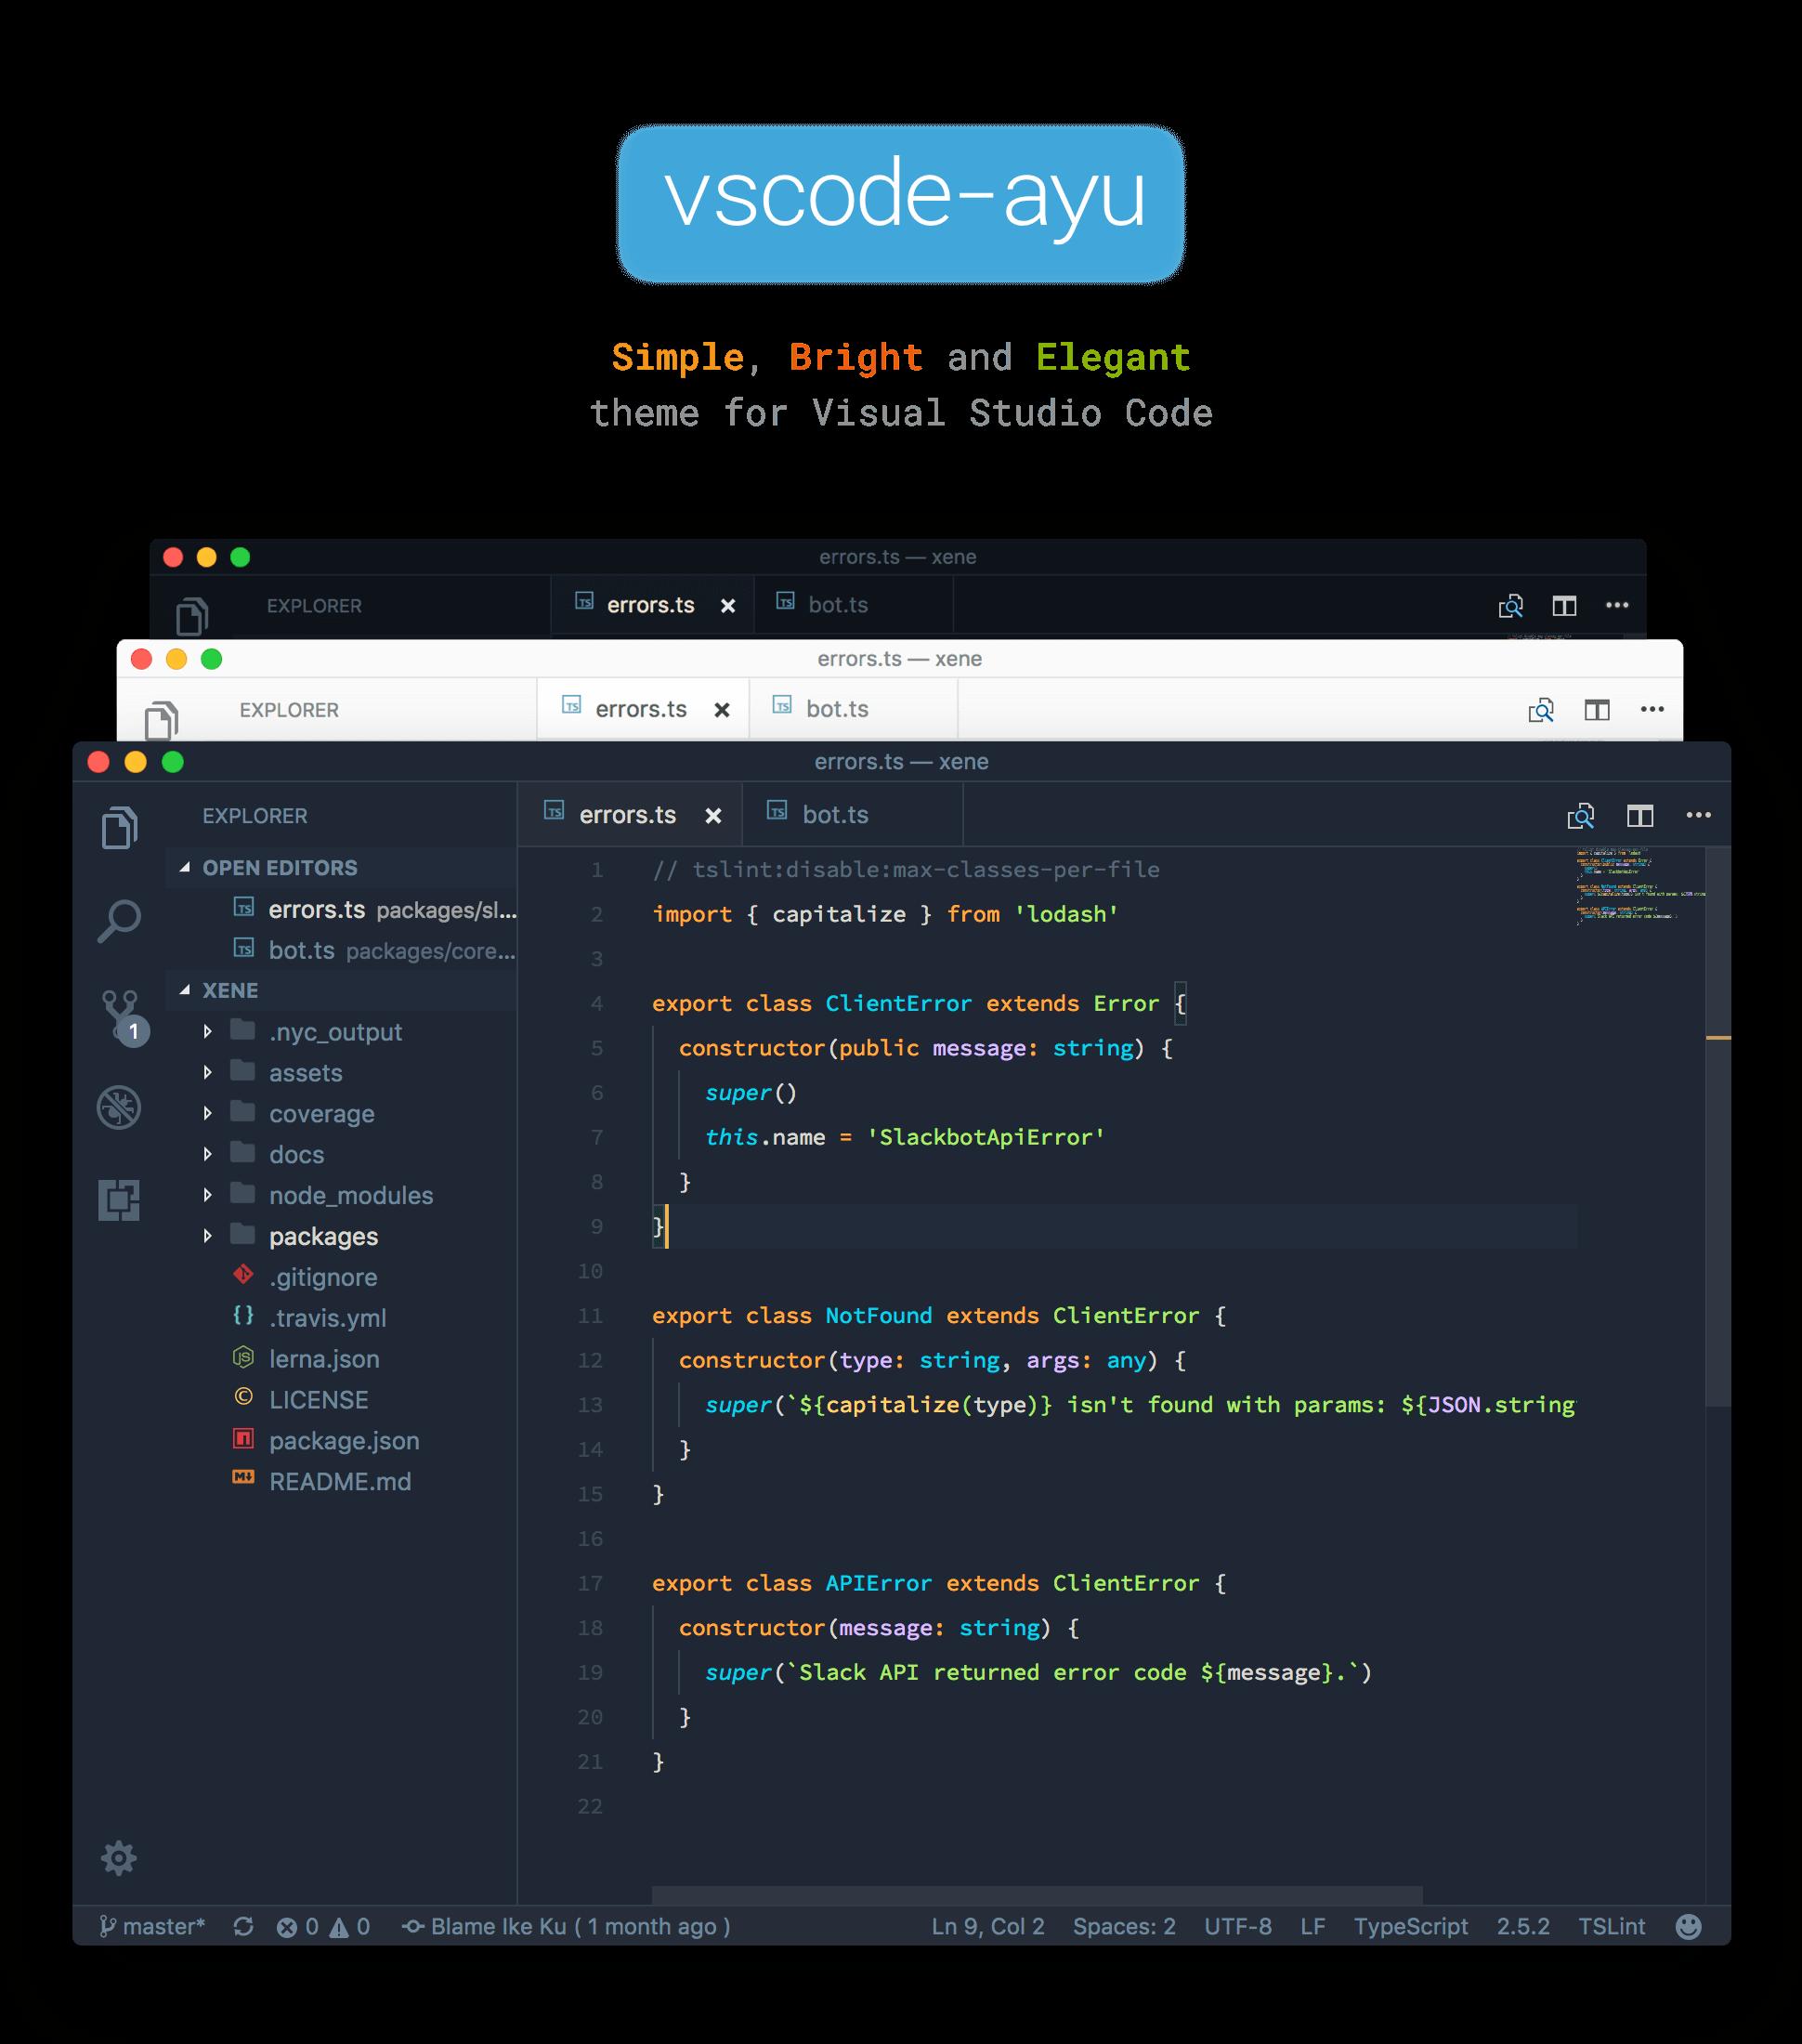 vscode-ayu